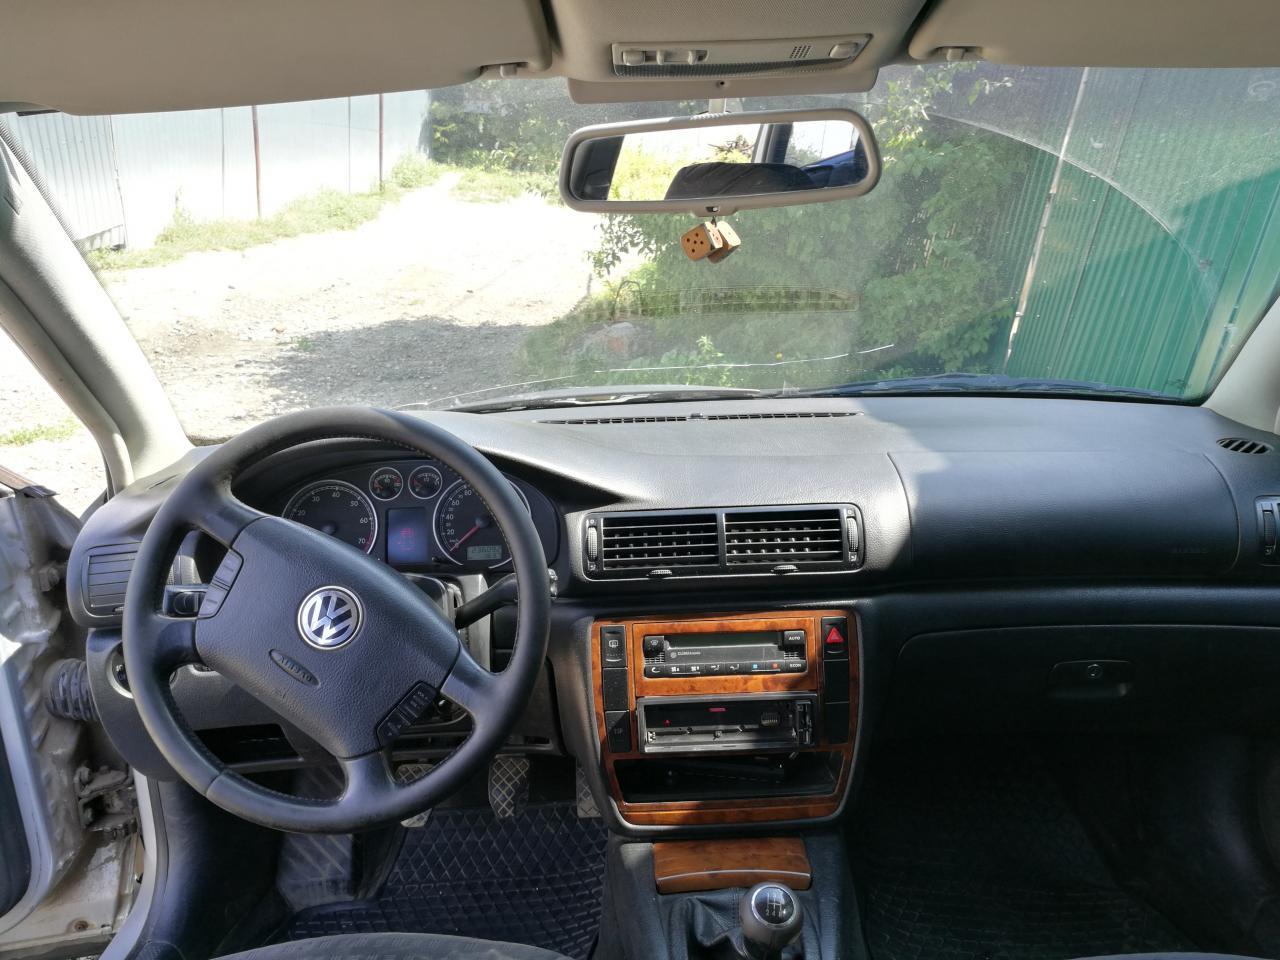 Volkswagen Passat 2001 г.в. г.Саратов - фото 5